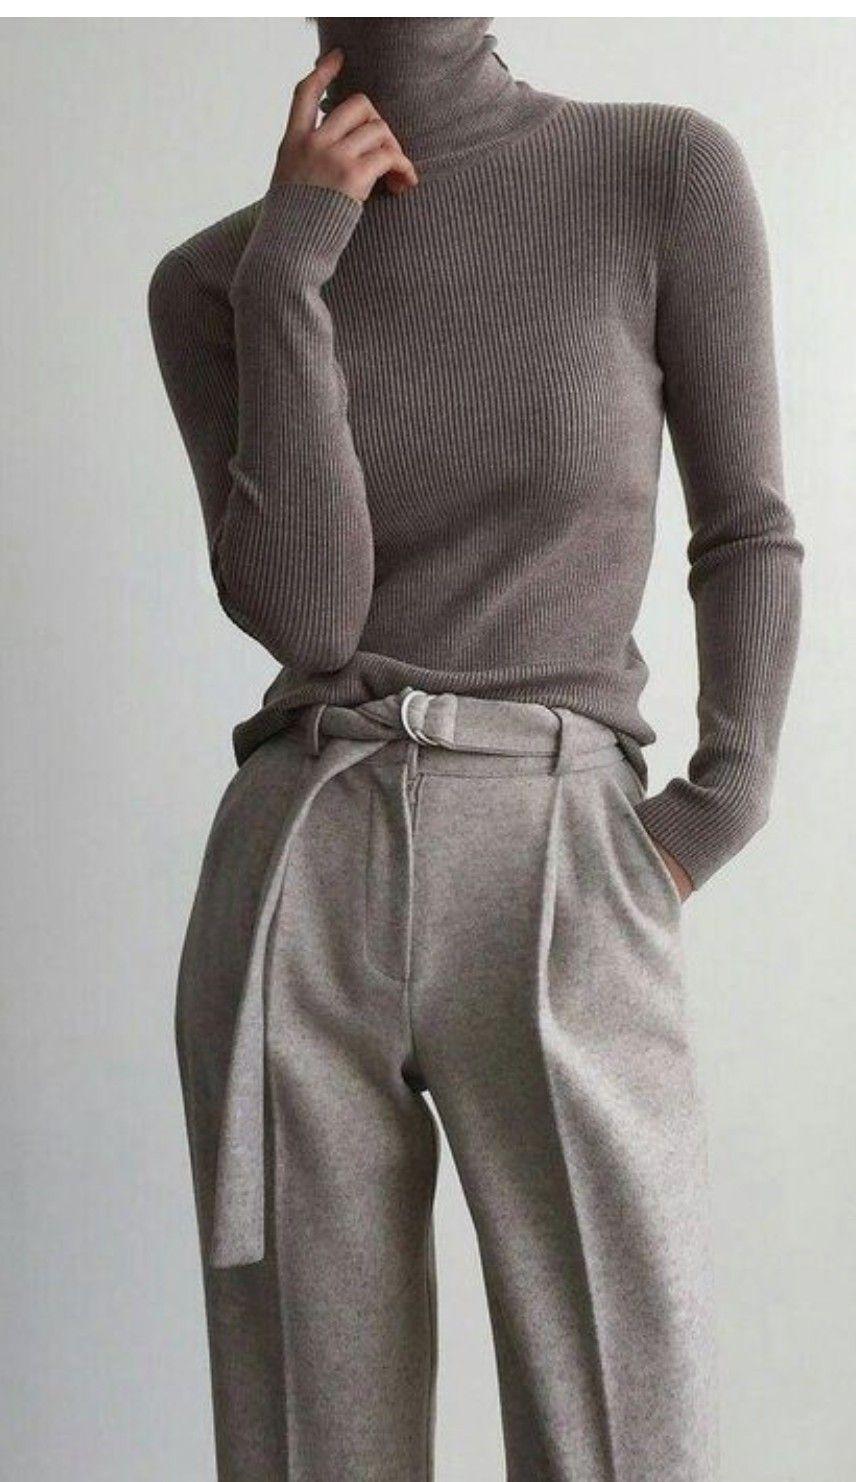 Photo of lularoe outfit